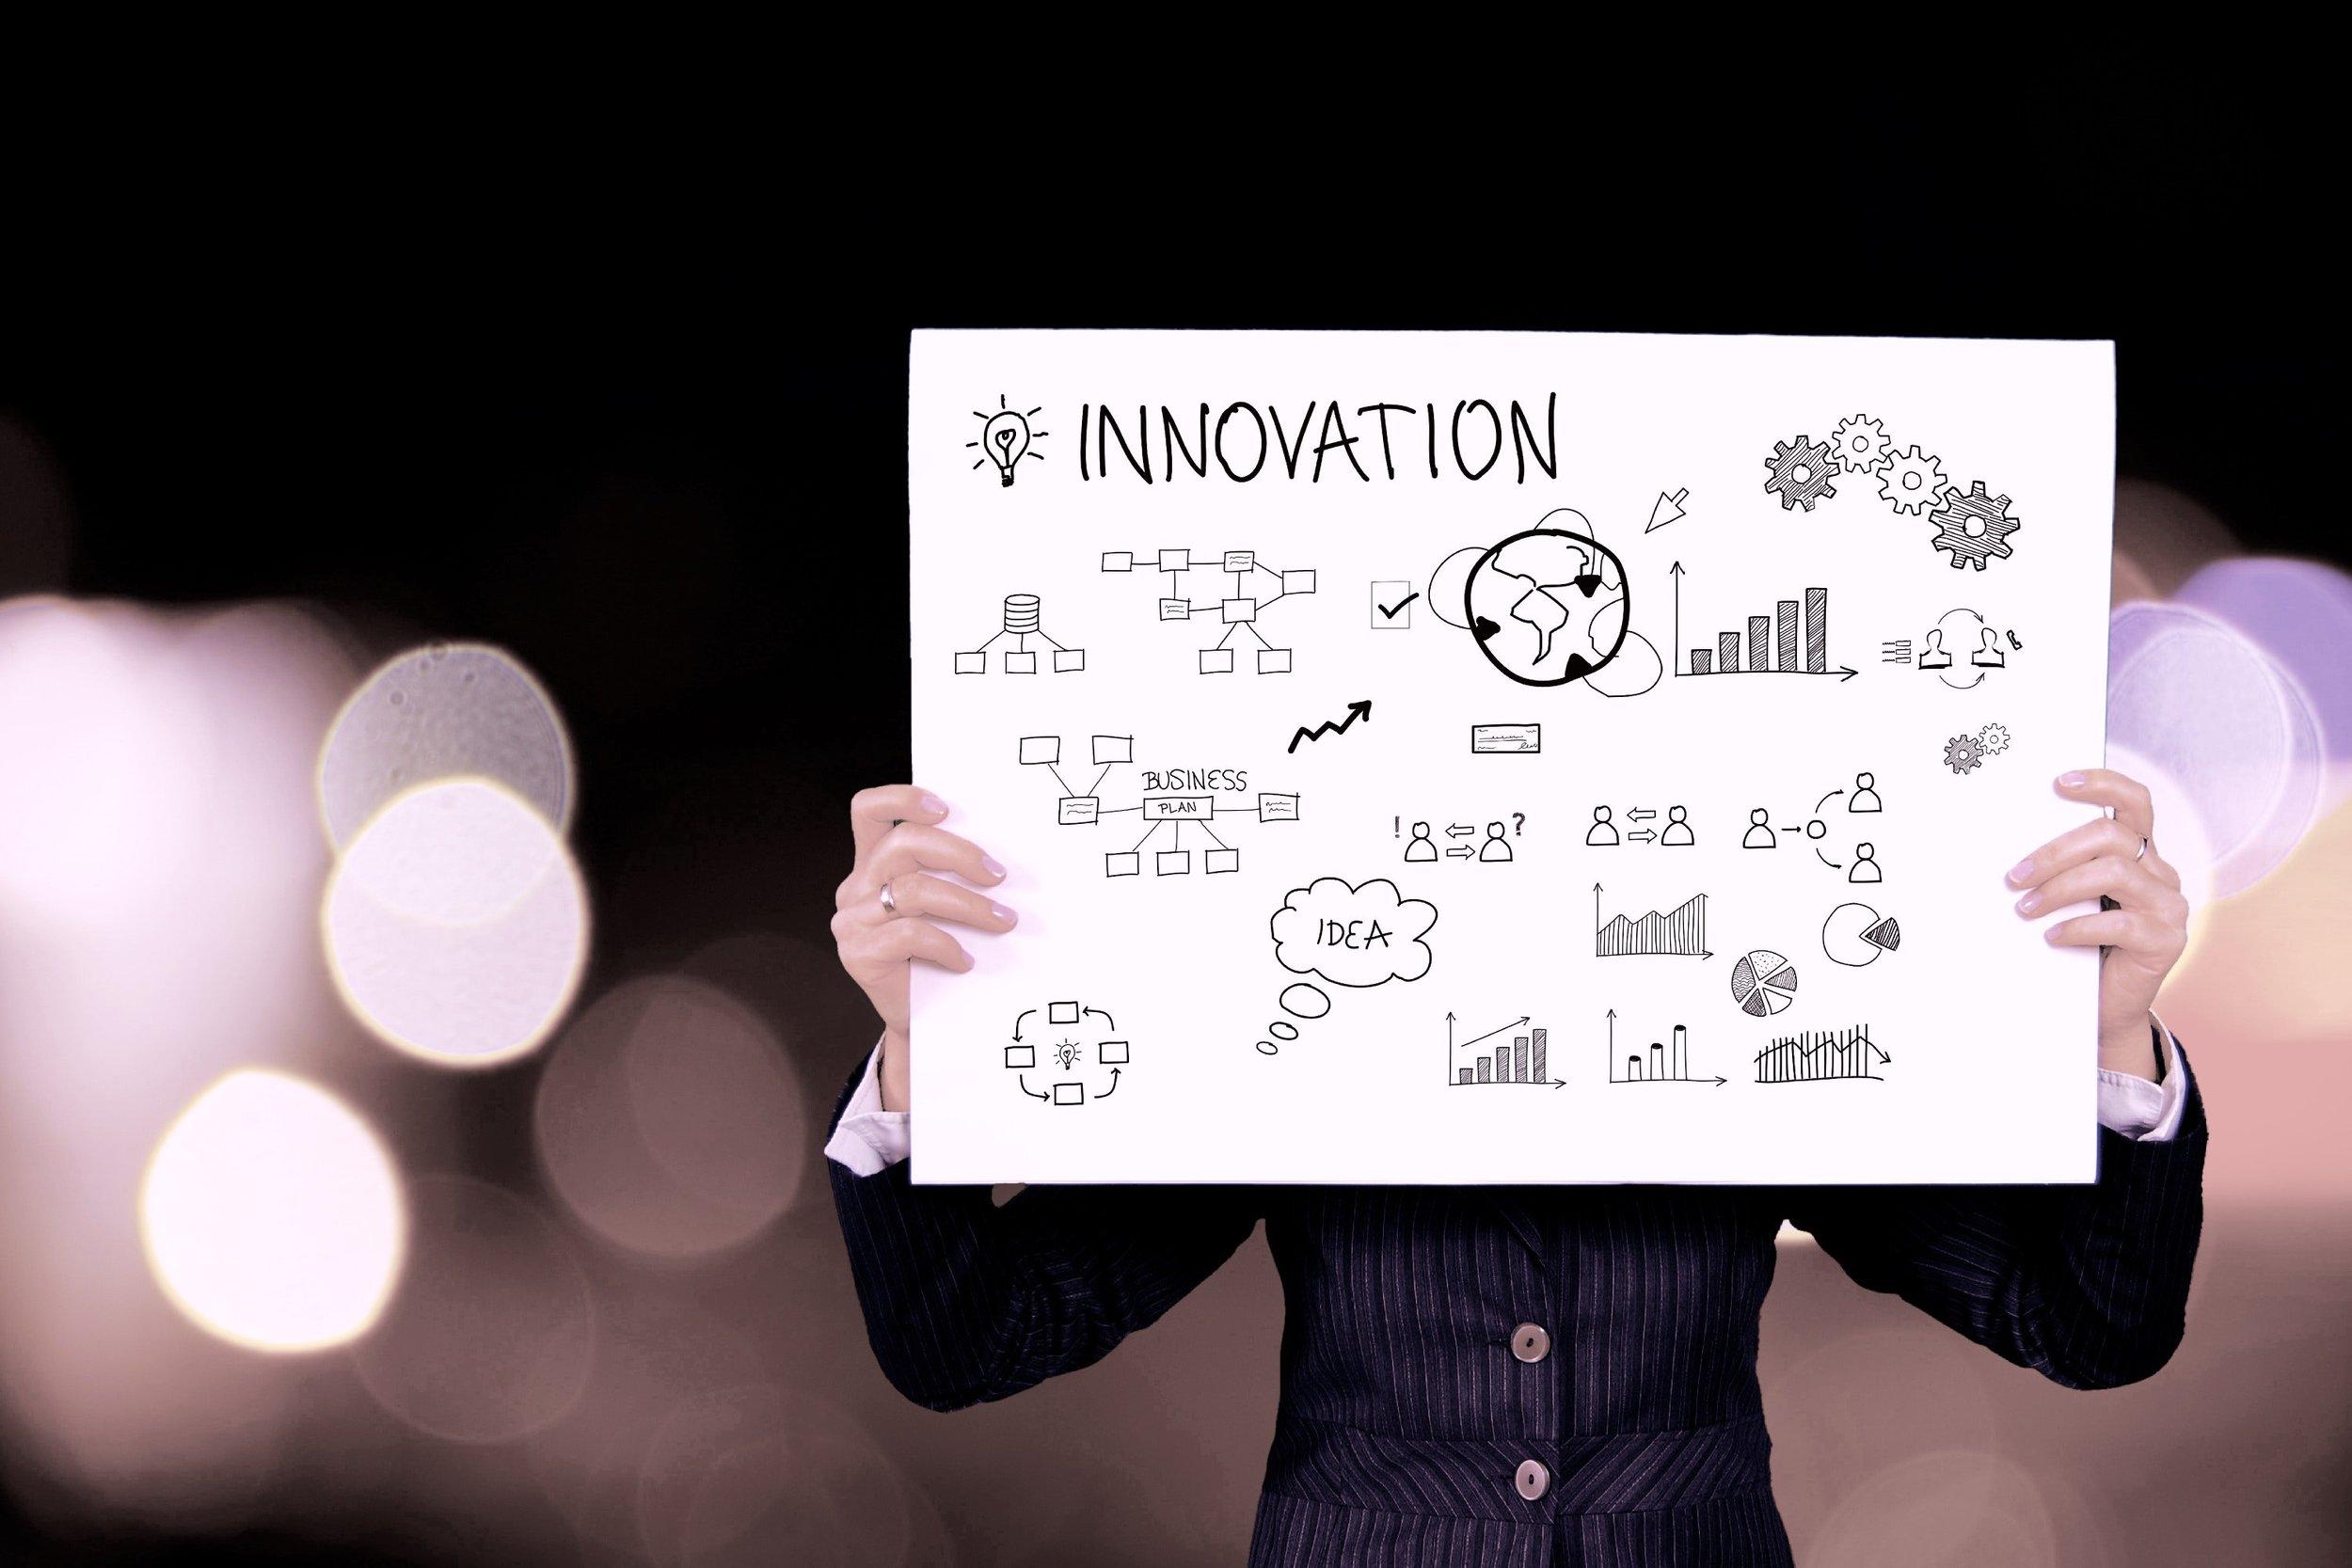 business-idea-diagram-innovation-40218.jpg